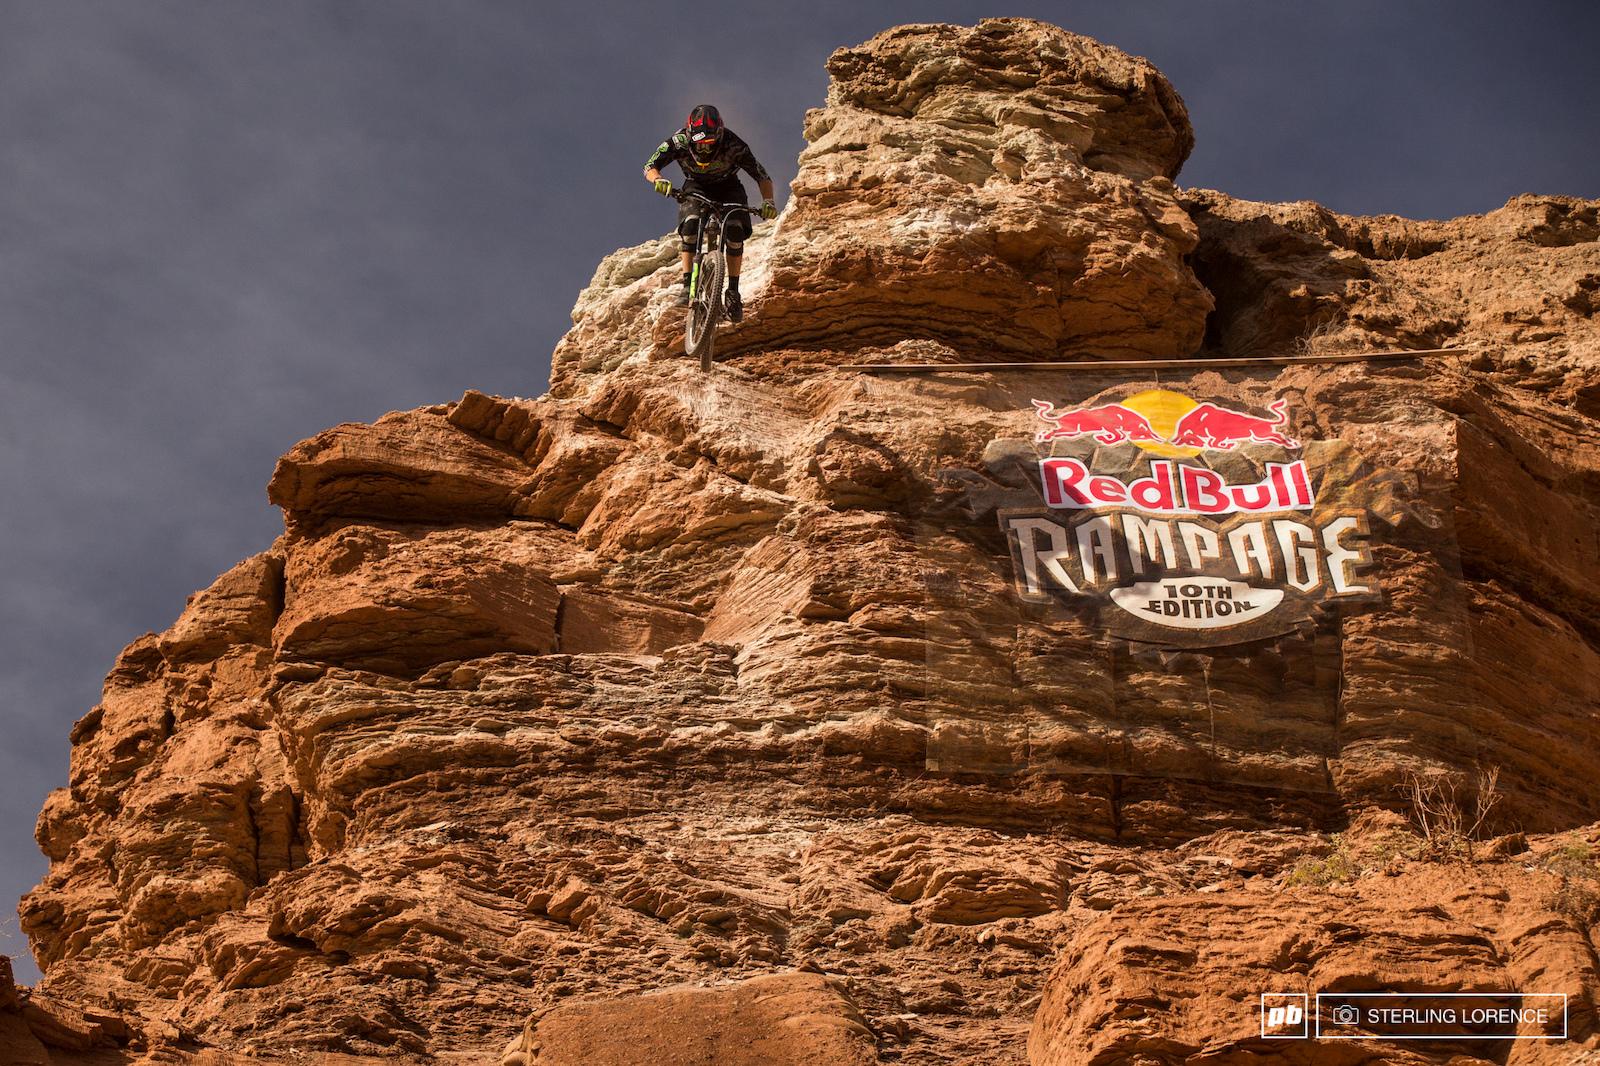 James Doerfling at RedBull Rampage 2015 Virgin Utah USA